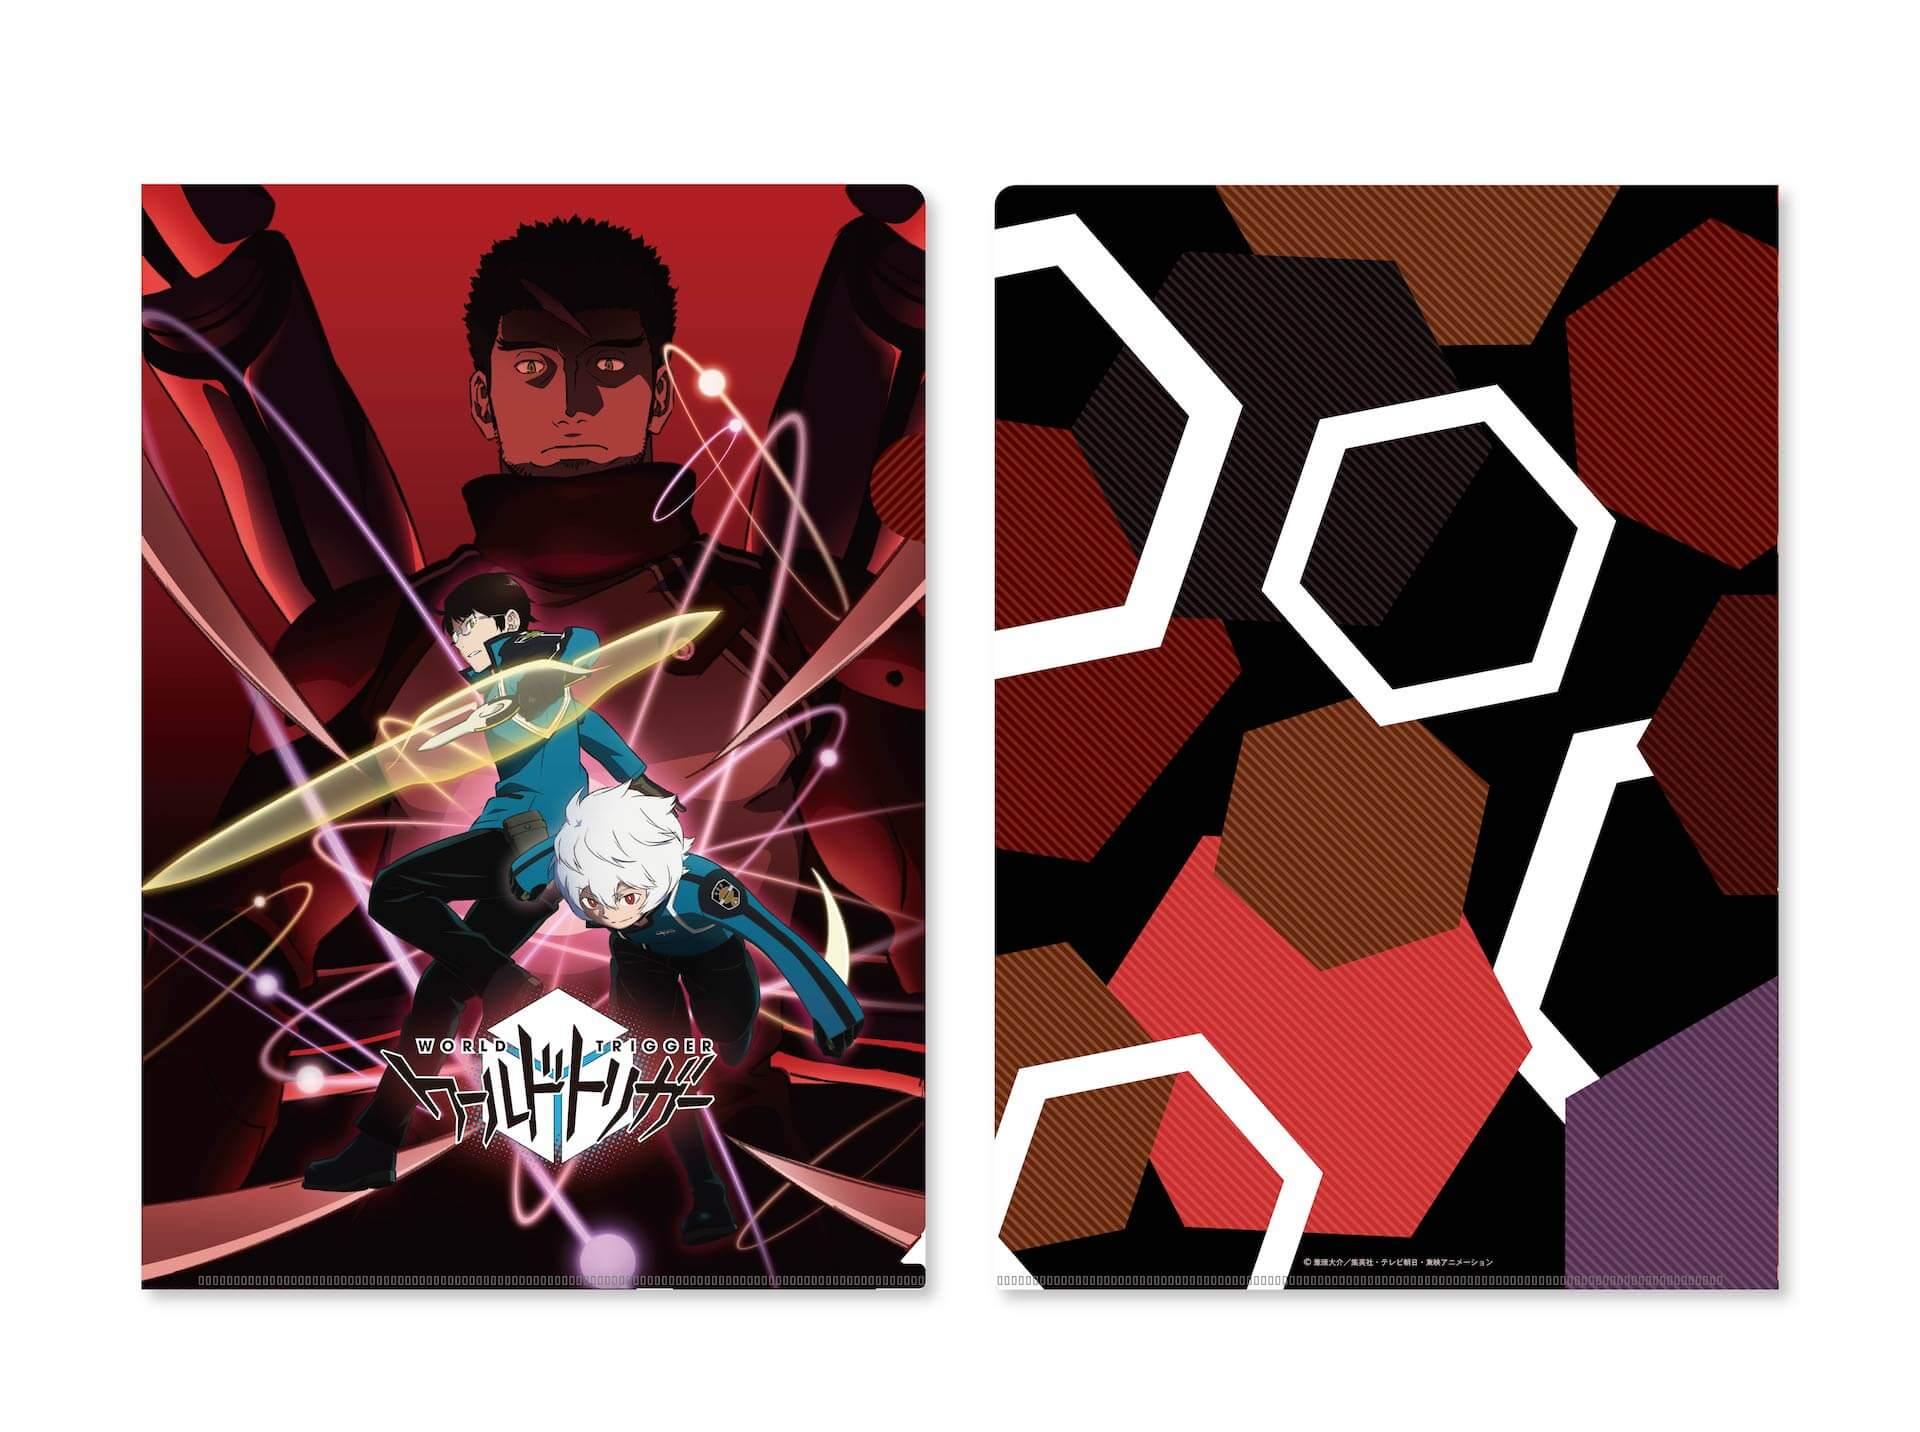 『特別上映版 ワールドトリガー 2ndシーズン』週替わりの入場者プレゼントが特製ポストカードに決定!公式パンフレット、オリジナルグッズも発売 film201210_worldtrigger_4